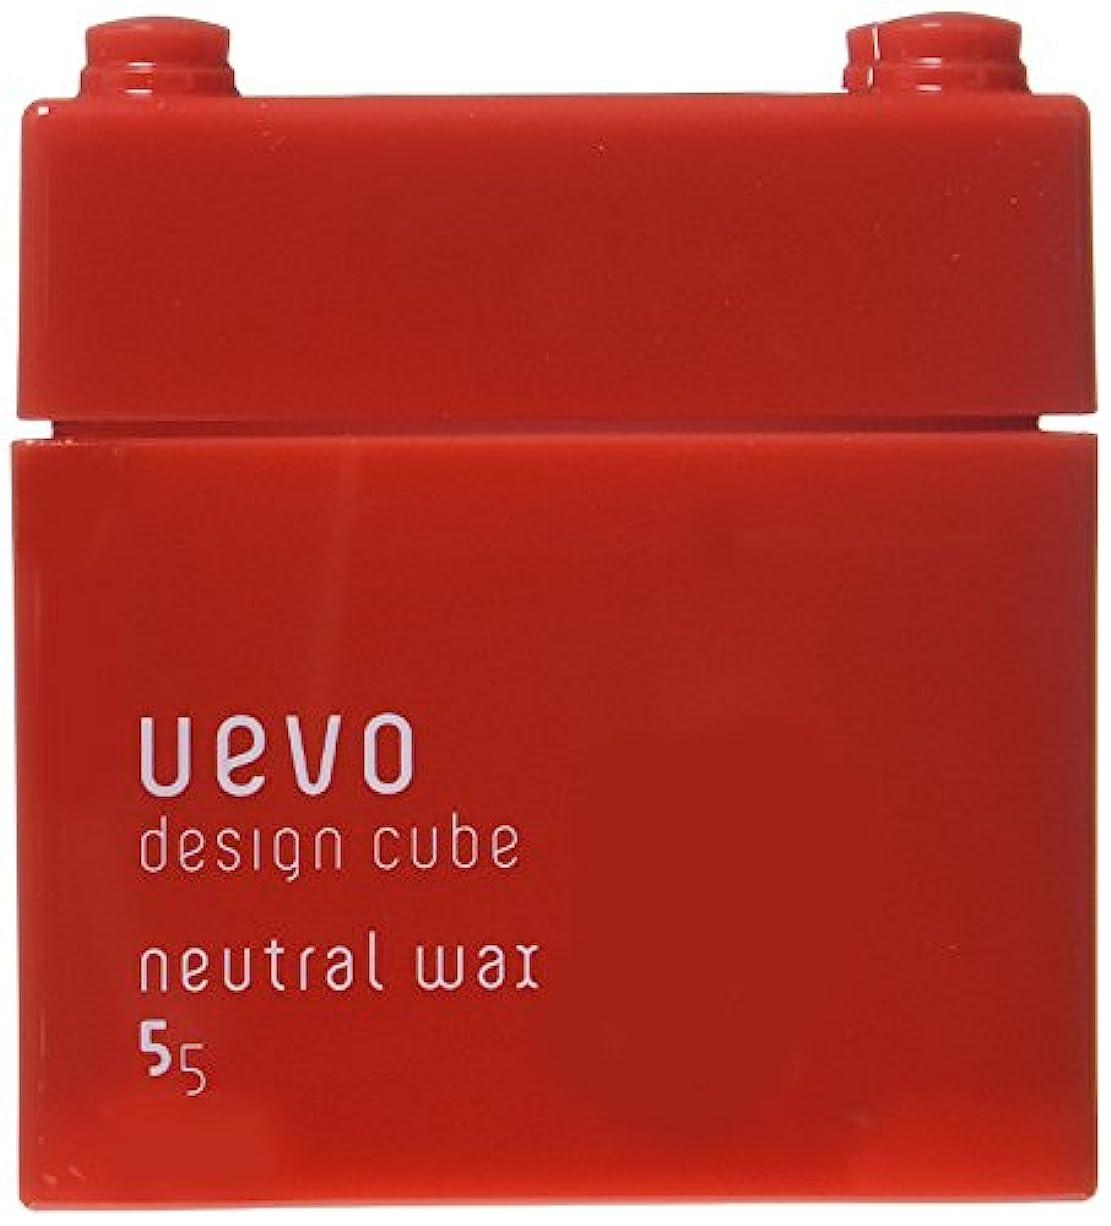 逃れる阻害する置き場ウェーボ デザインキューブ ニュートラルワックス 80g